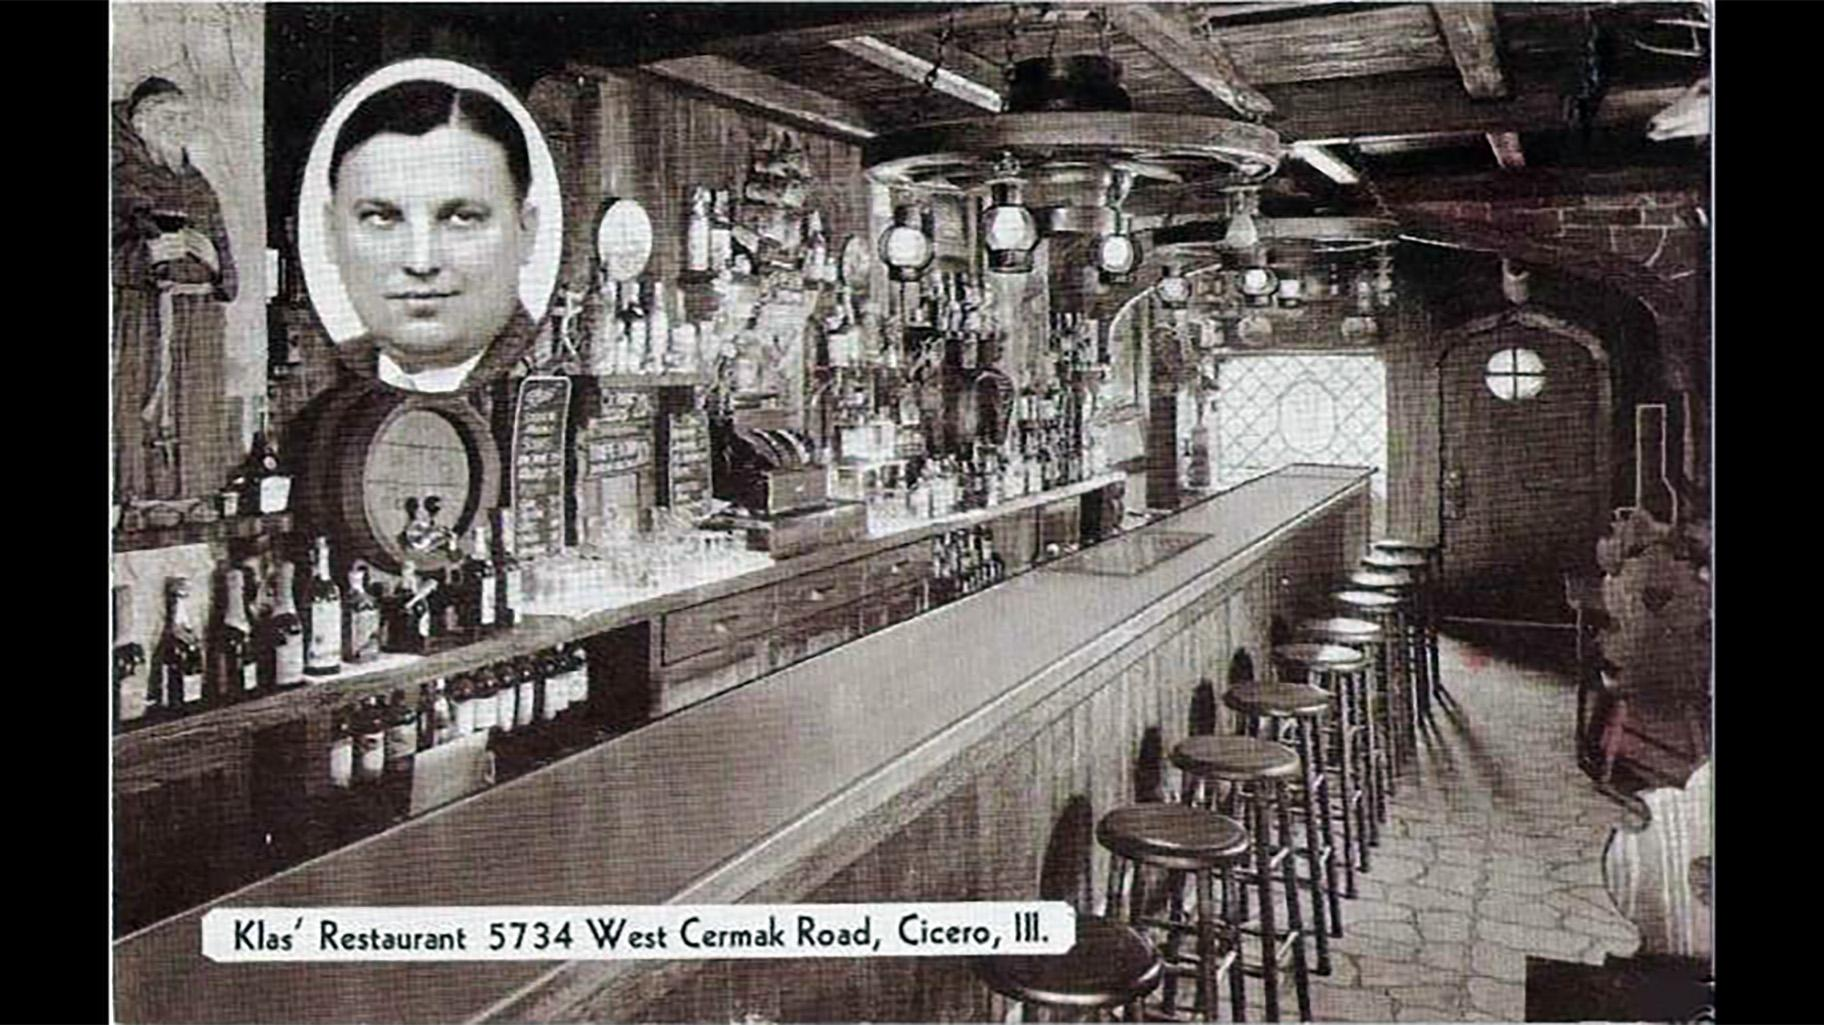 Počátky restaurace sahají do roku 1922, kdy český přistěhovalec jménem Adolf Klas otevřel malou provozovnu na místě.  Během příštích několika desetiletí se obchod a budova exponenciálně rozrostly - nakonec v banketových místnostech a baru obsahovaly až 350 lidí.  (Se svolením Chekman Group)